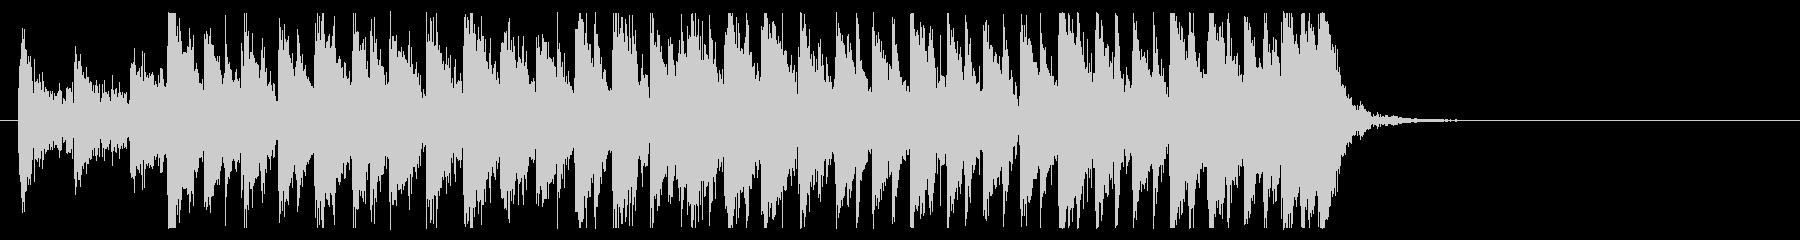 三味線 太鼓のアンサンブル4BPM130の未再生の波形